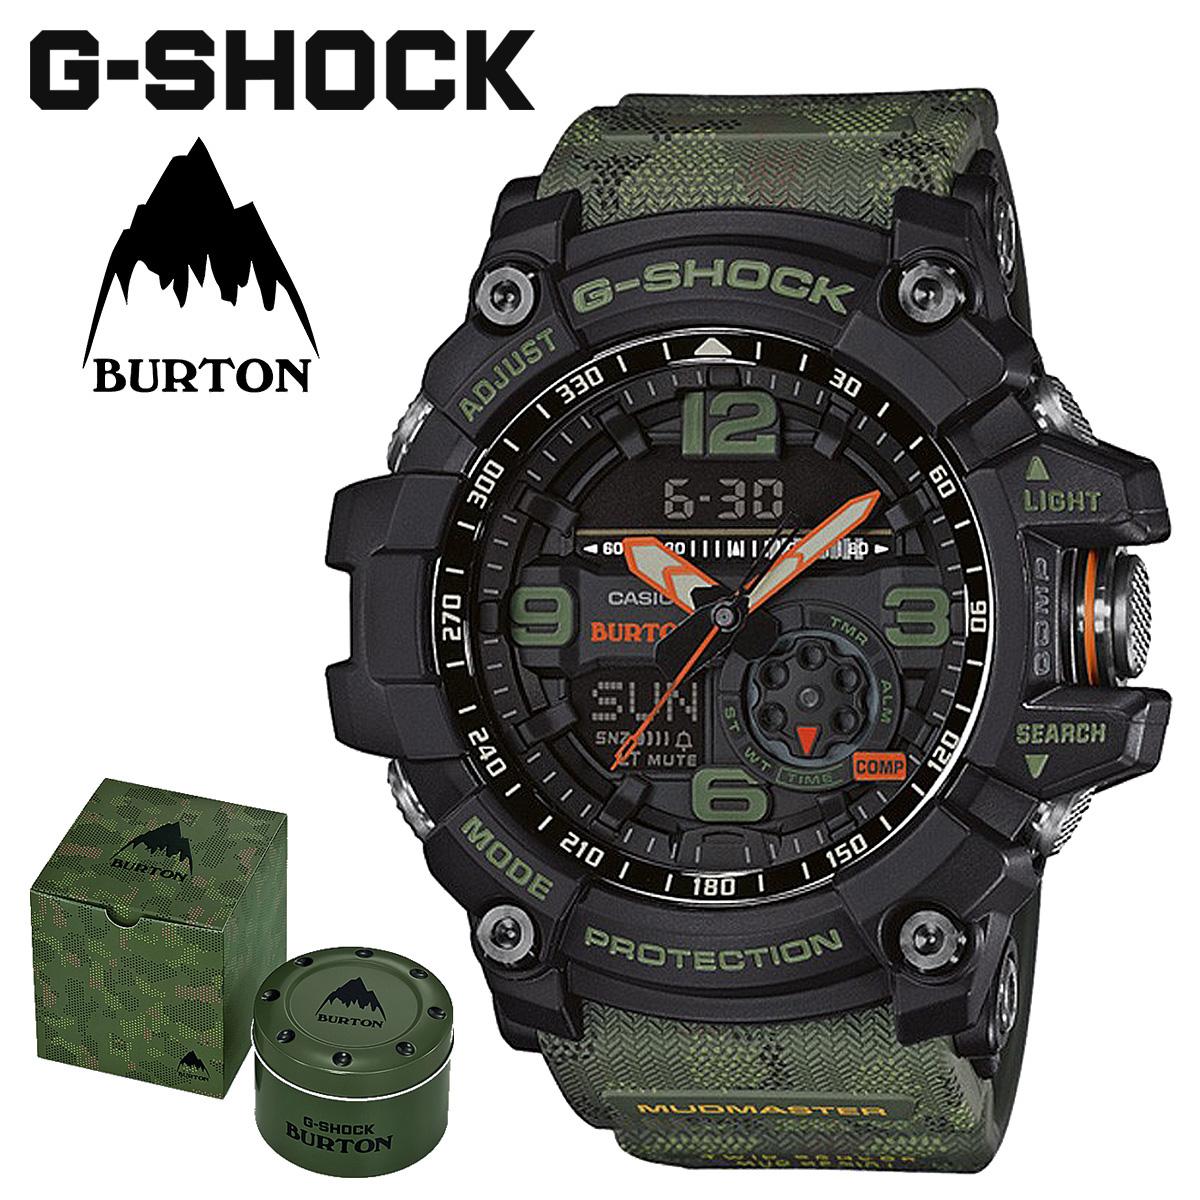 318160bafa CASIO Casio G-SHOCK watch mad master GG-1000BTN-1AJR collaboration  MUDMASTER BURTON ジーショック G-Shock G- shock camouflage men gap Dis